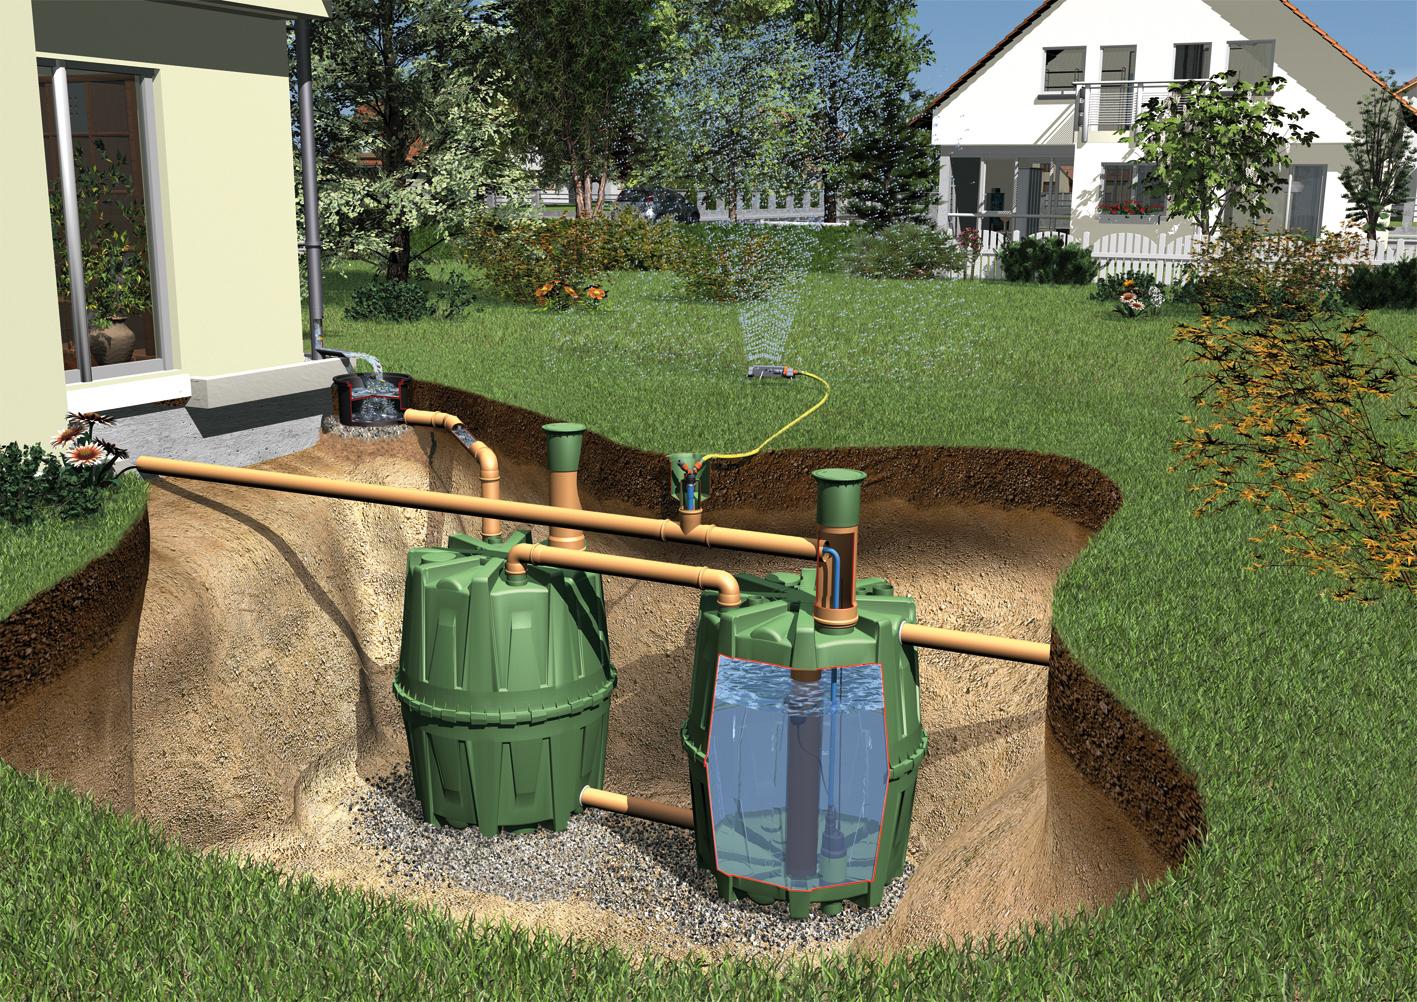 Full Size of Wassertank Garten Richtige Bewsserungstechnik Finden Bersicht Obi Kräutergarten Küche Spielhäuser Gartenüberdachung Relaxsessel Aldi Versicherung Tisch Garten Wassertank Garten